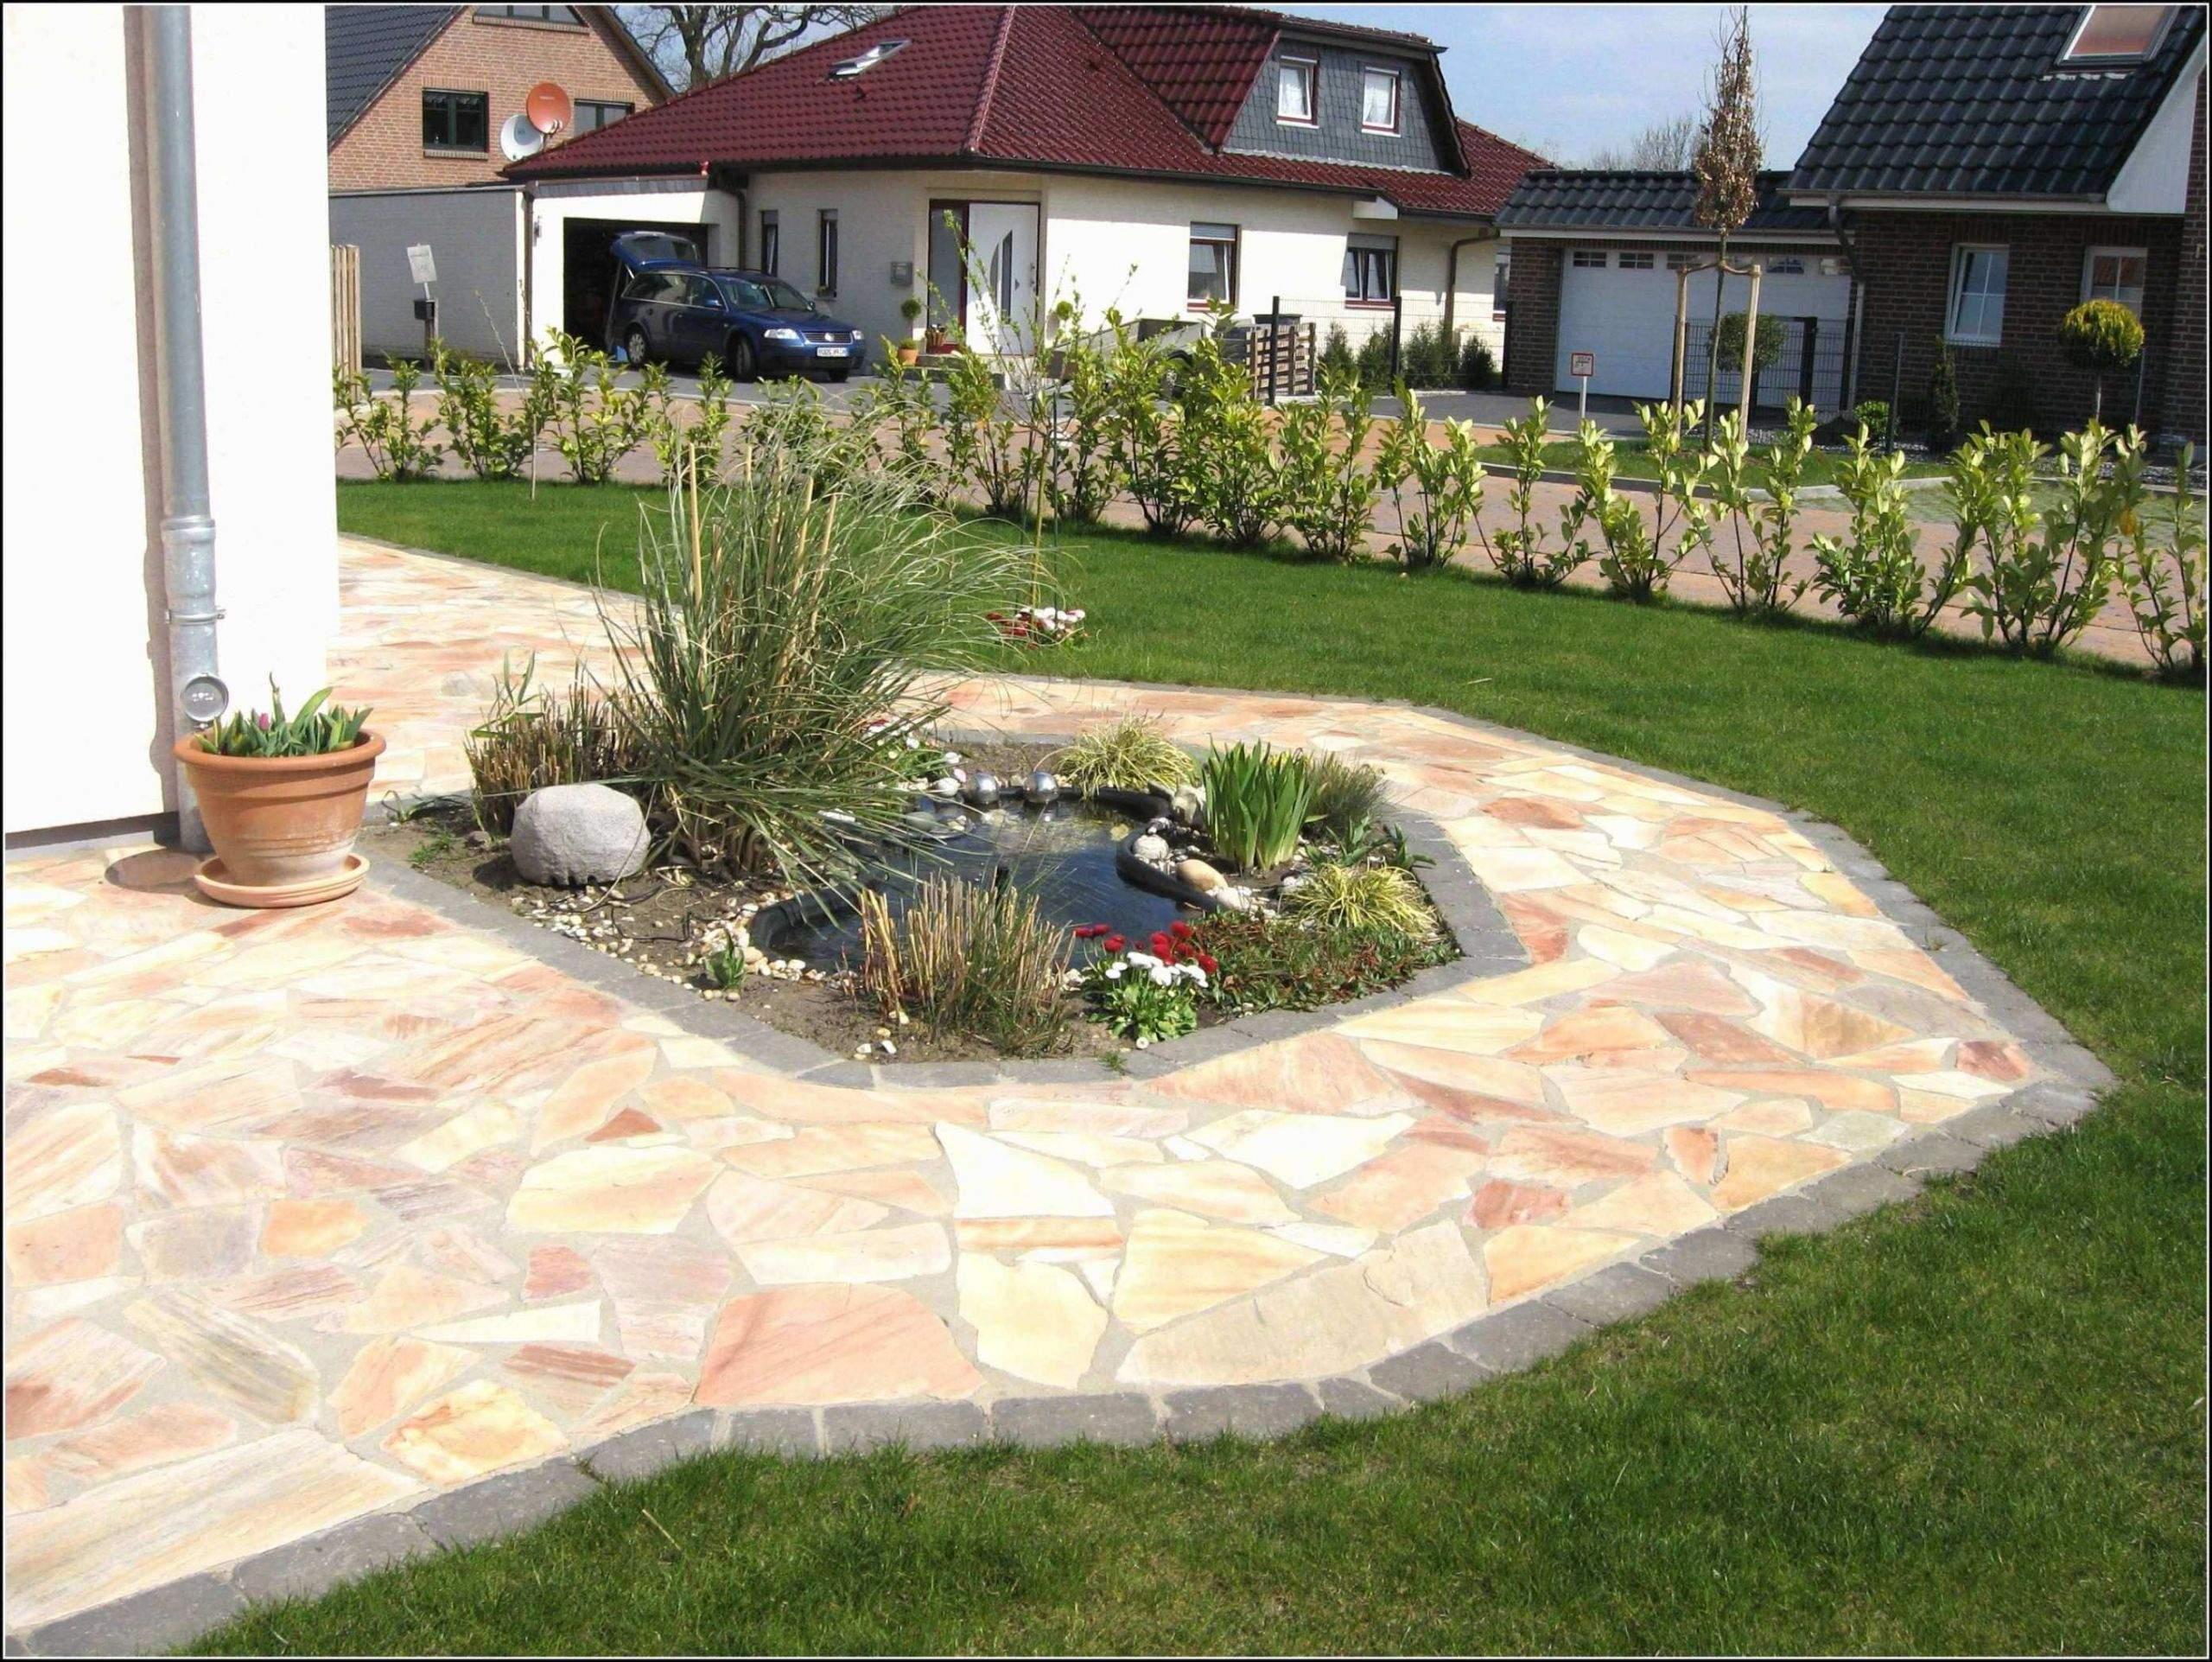 Chemietoilette Garten Frisch 36 Reizend Schallschutz Garten Selber Bauen Luxus Garten Anlegen